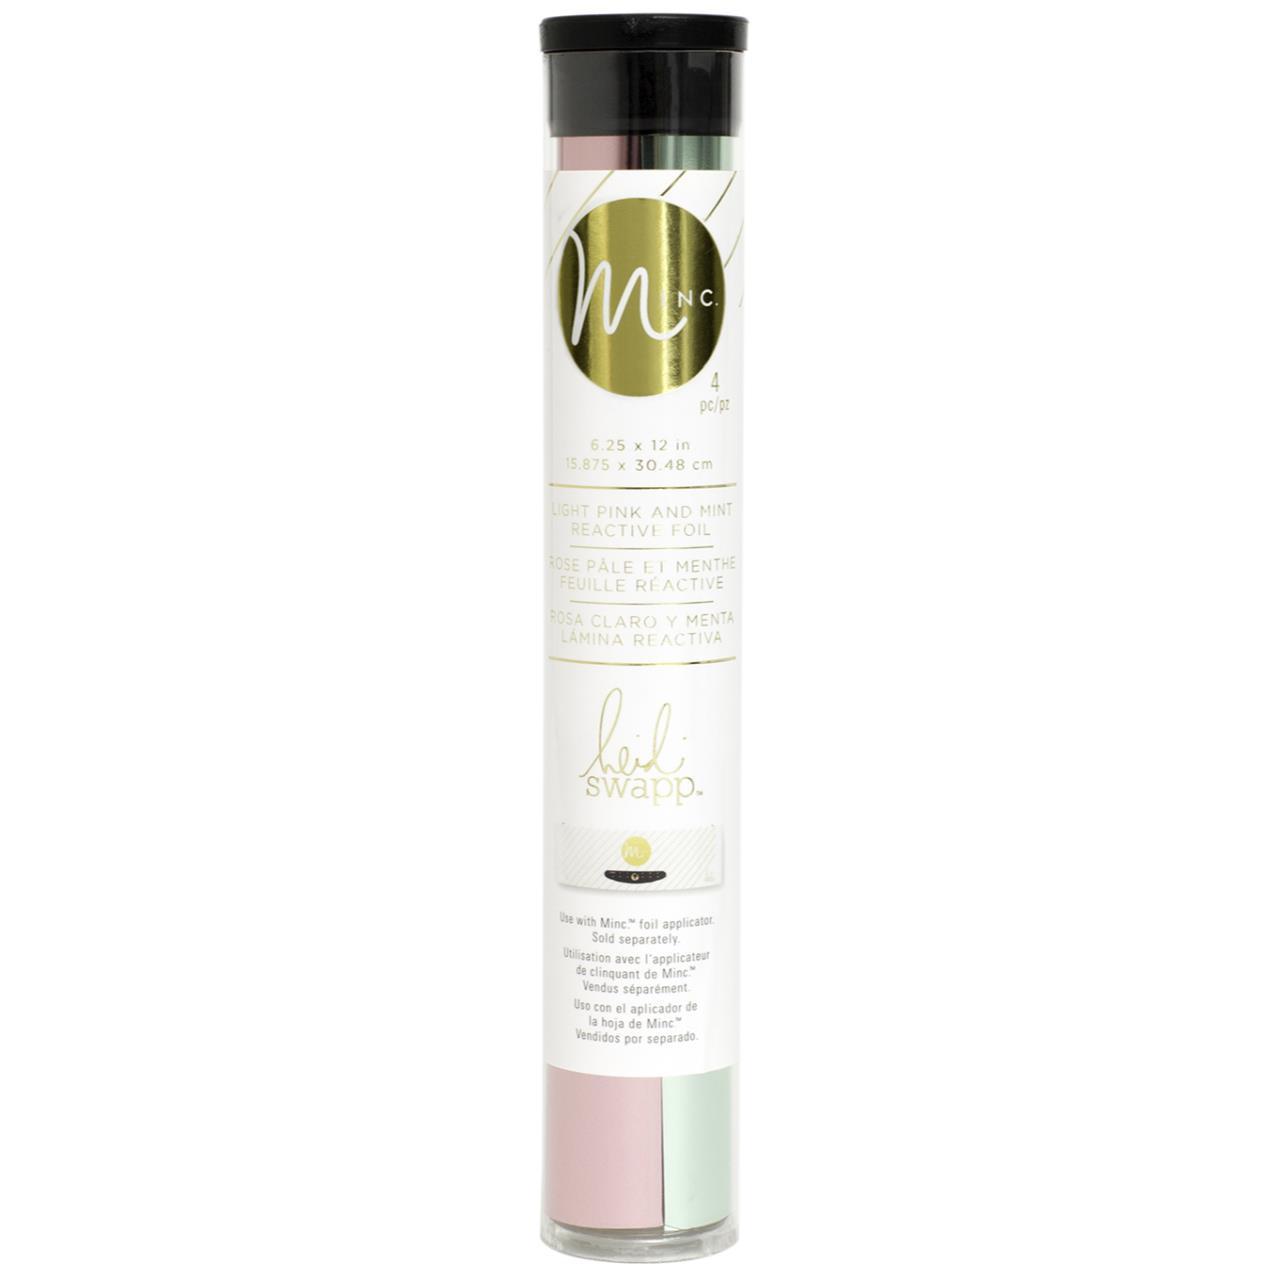 Тонерочувствительная фольга для MINC от Heidi Swapp- Mint & Light Pink